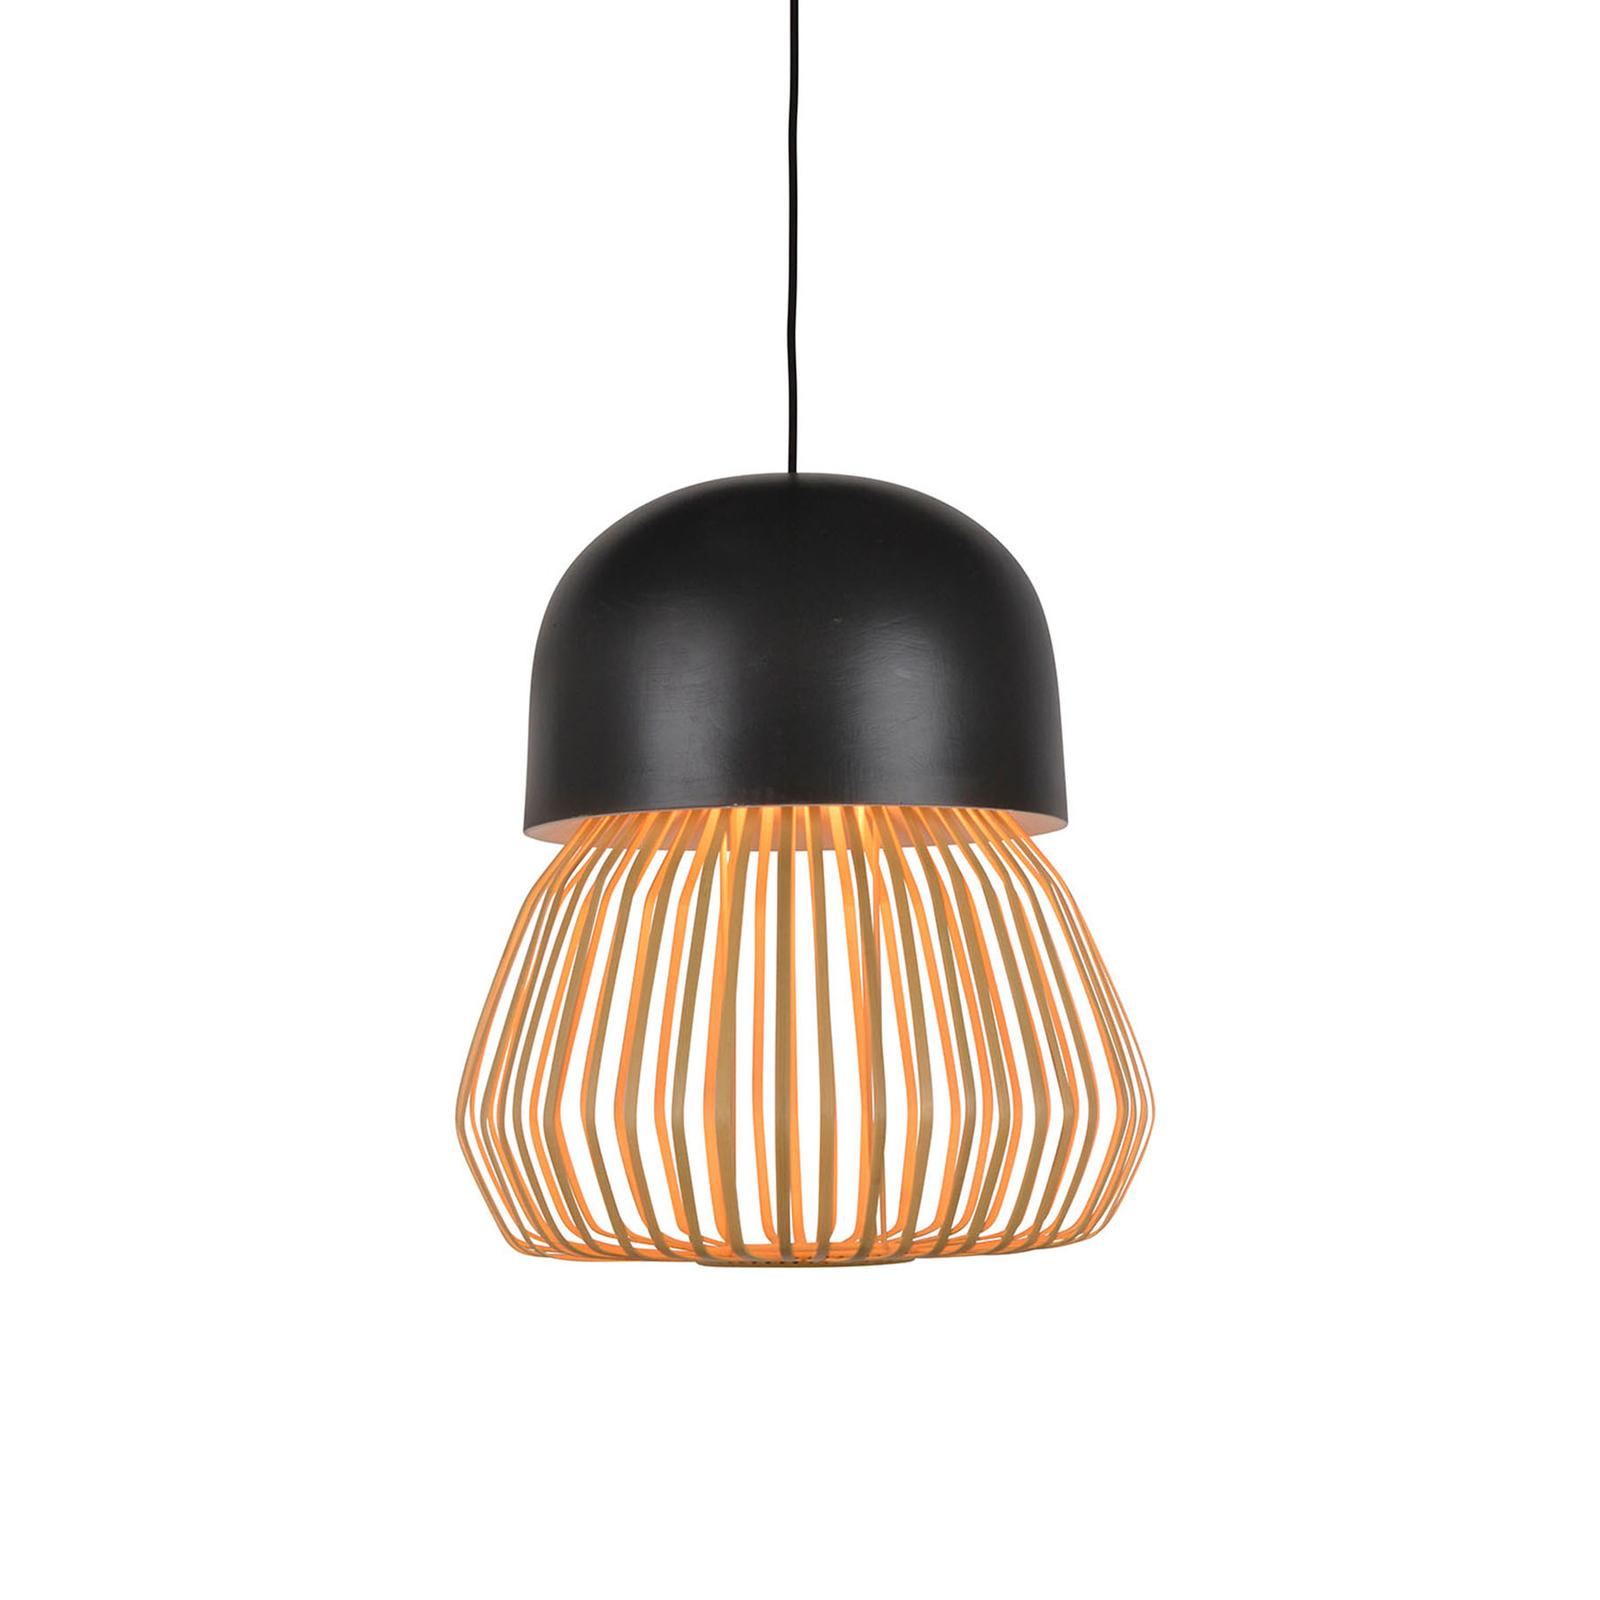 Forestier Anemos M hængelampe, 39 cm, mørkegrå